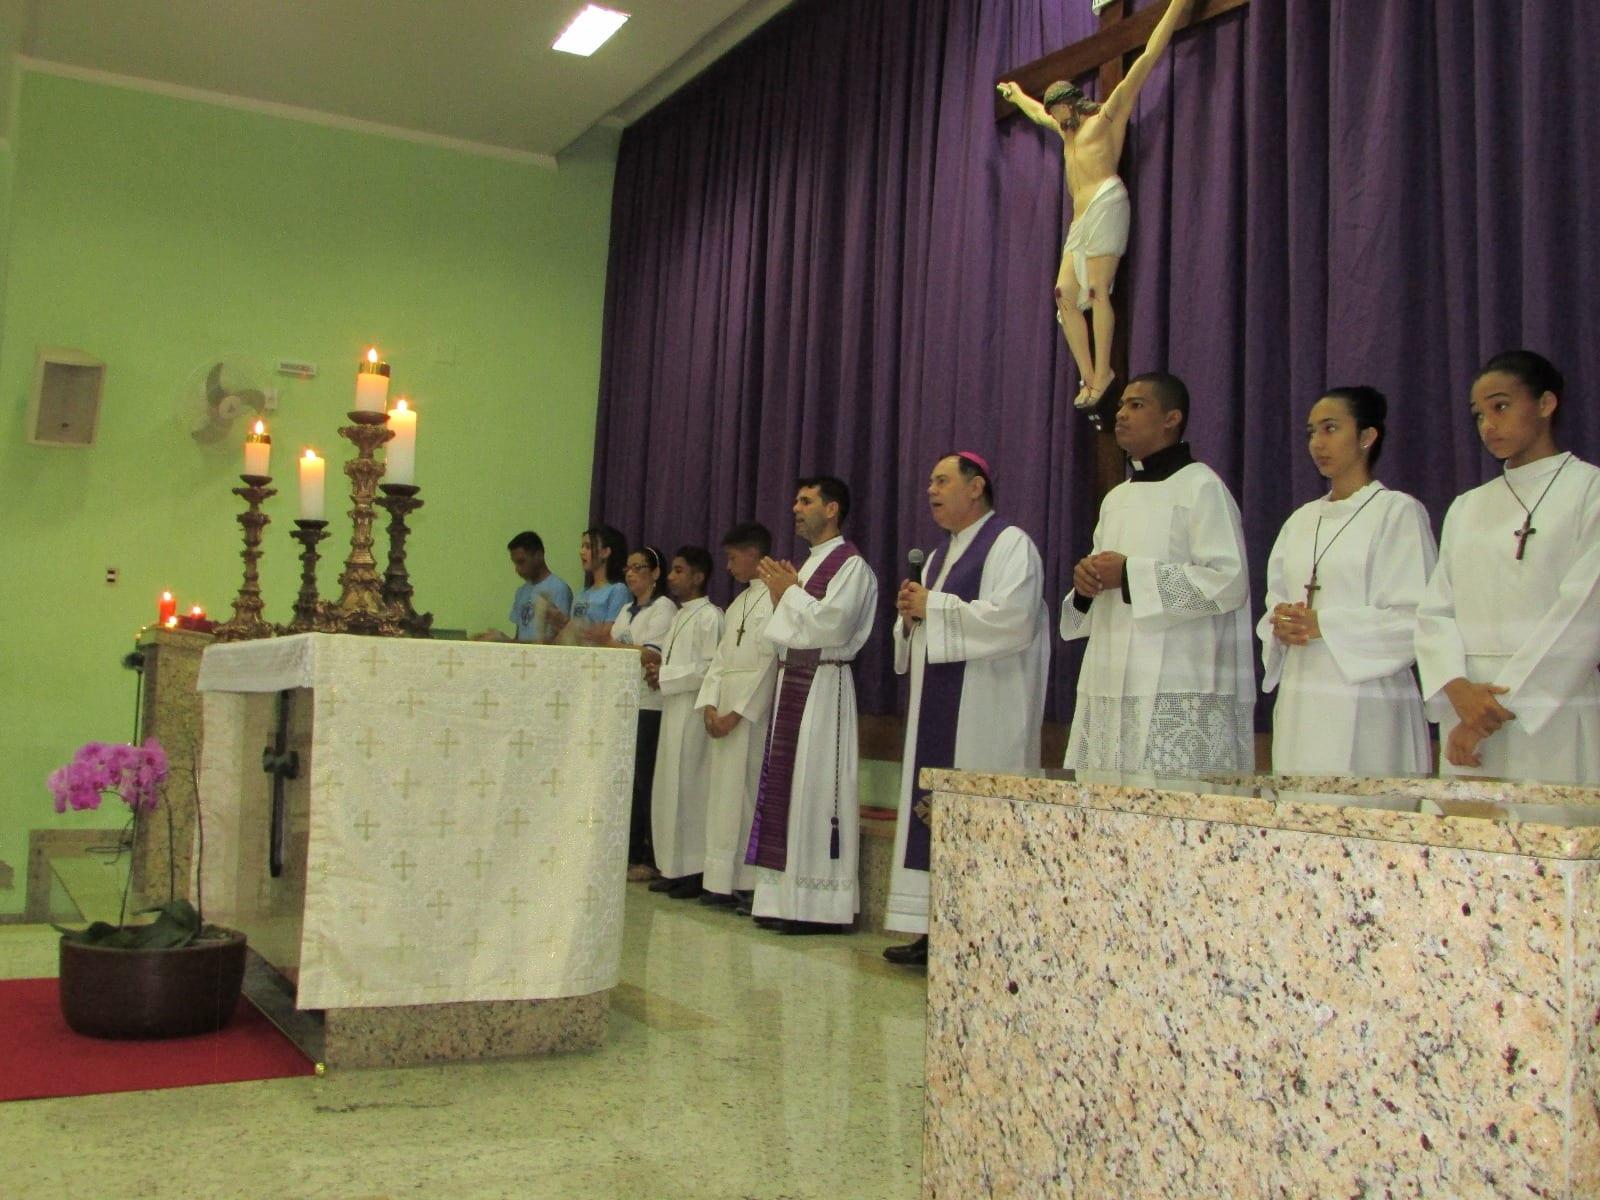 Dom Félix realiza Visita Pastoral na Paróquia Santa Helena em Valadares